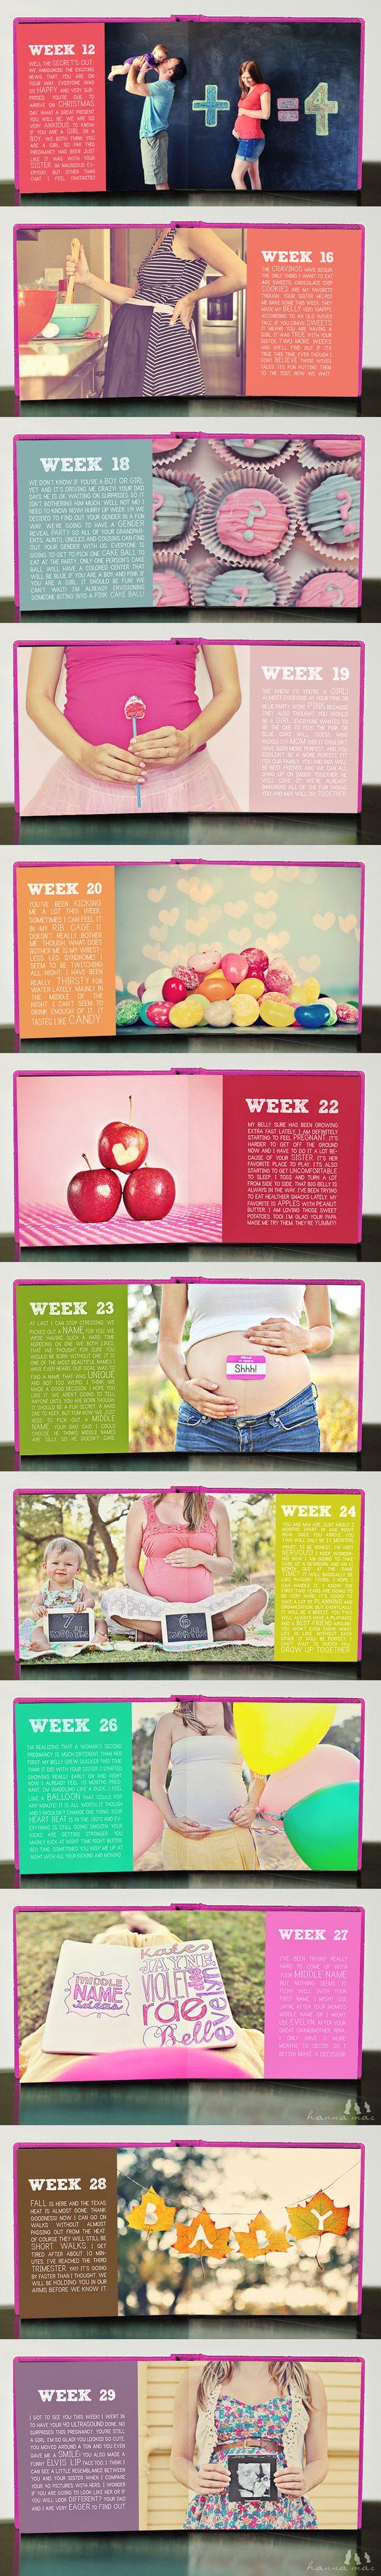 Baby photo journal